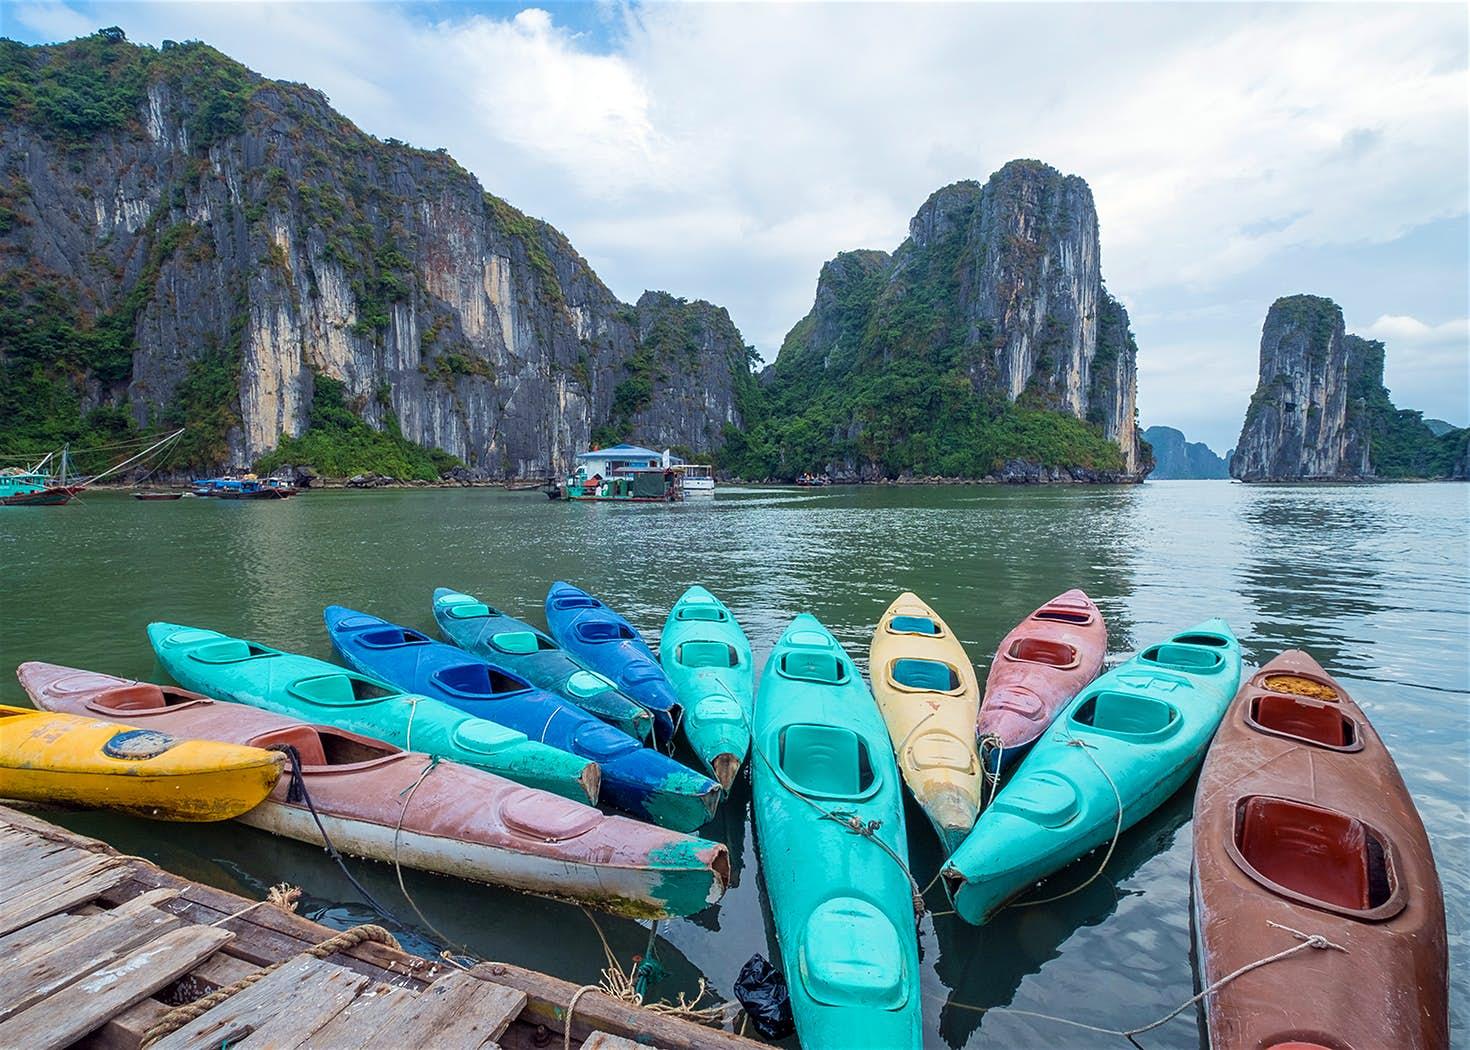 Việt Nam lọt top những địa điểm phiêu lưu tuyệt nhất thế giới - 2